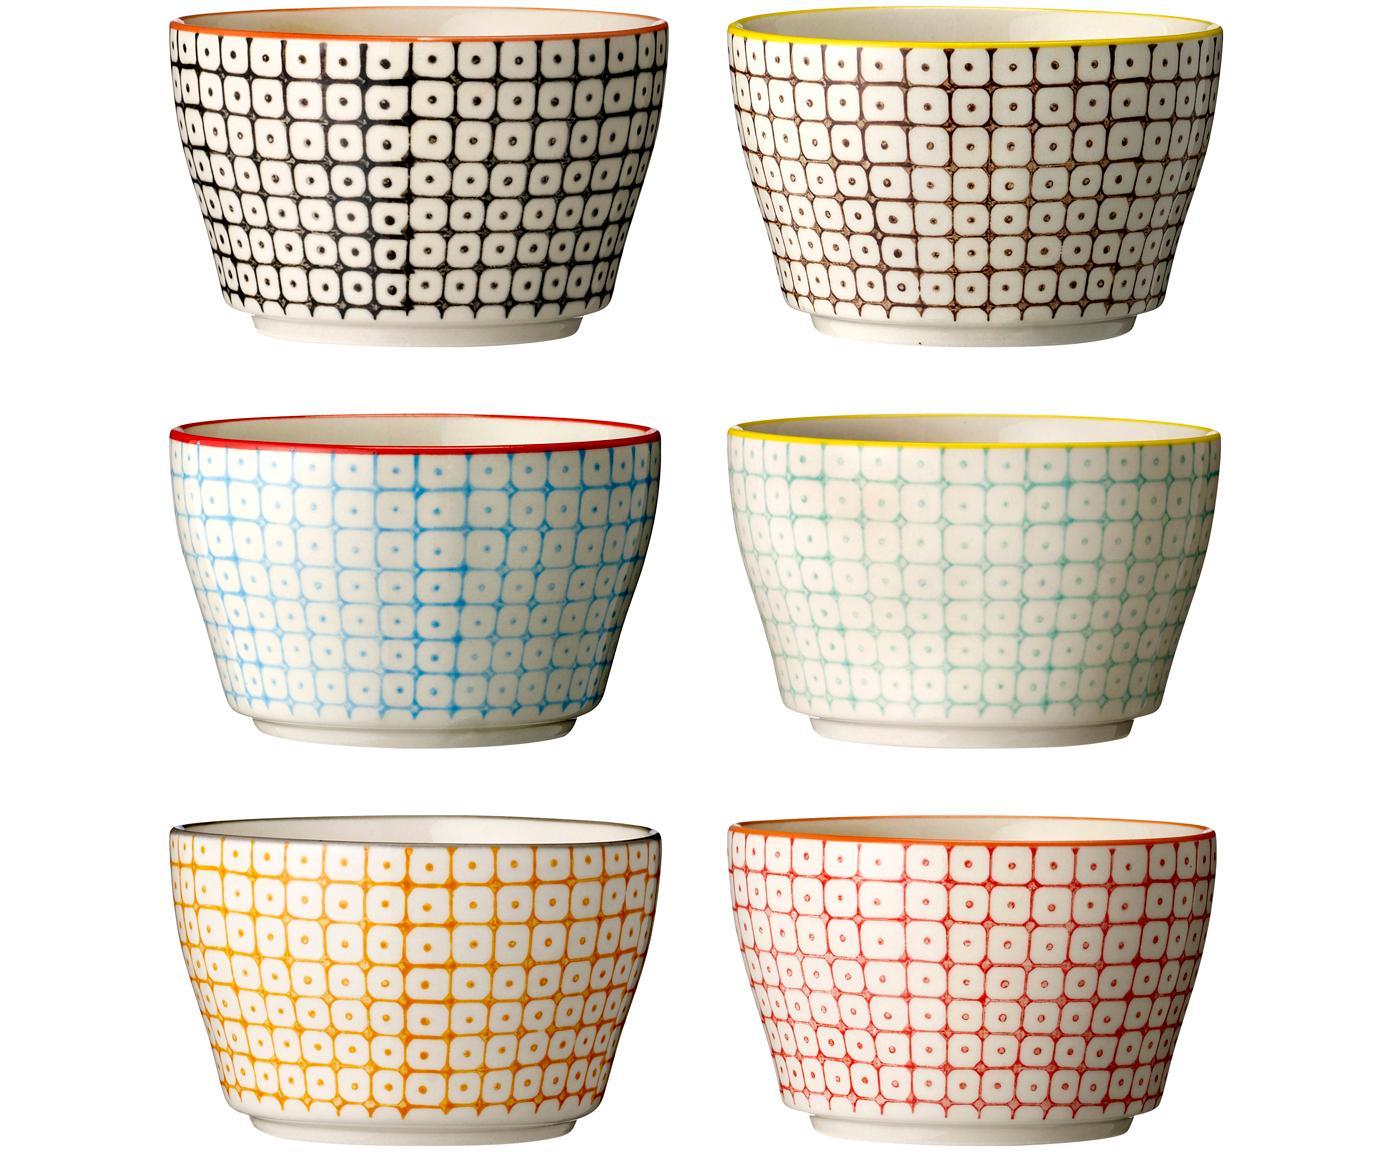 Schälchen Carla mit kleinem Muster, 6er-Set, Steingut, Weiß, Schwarz, Gelb, Rot, Orange, Ø 11 x H 7 cm